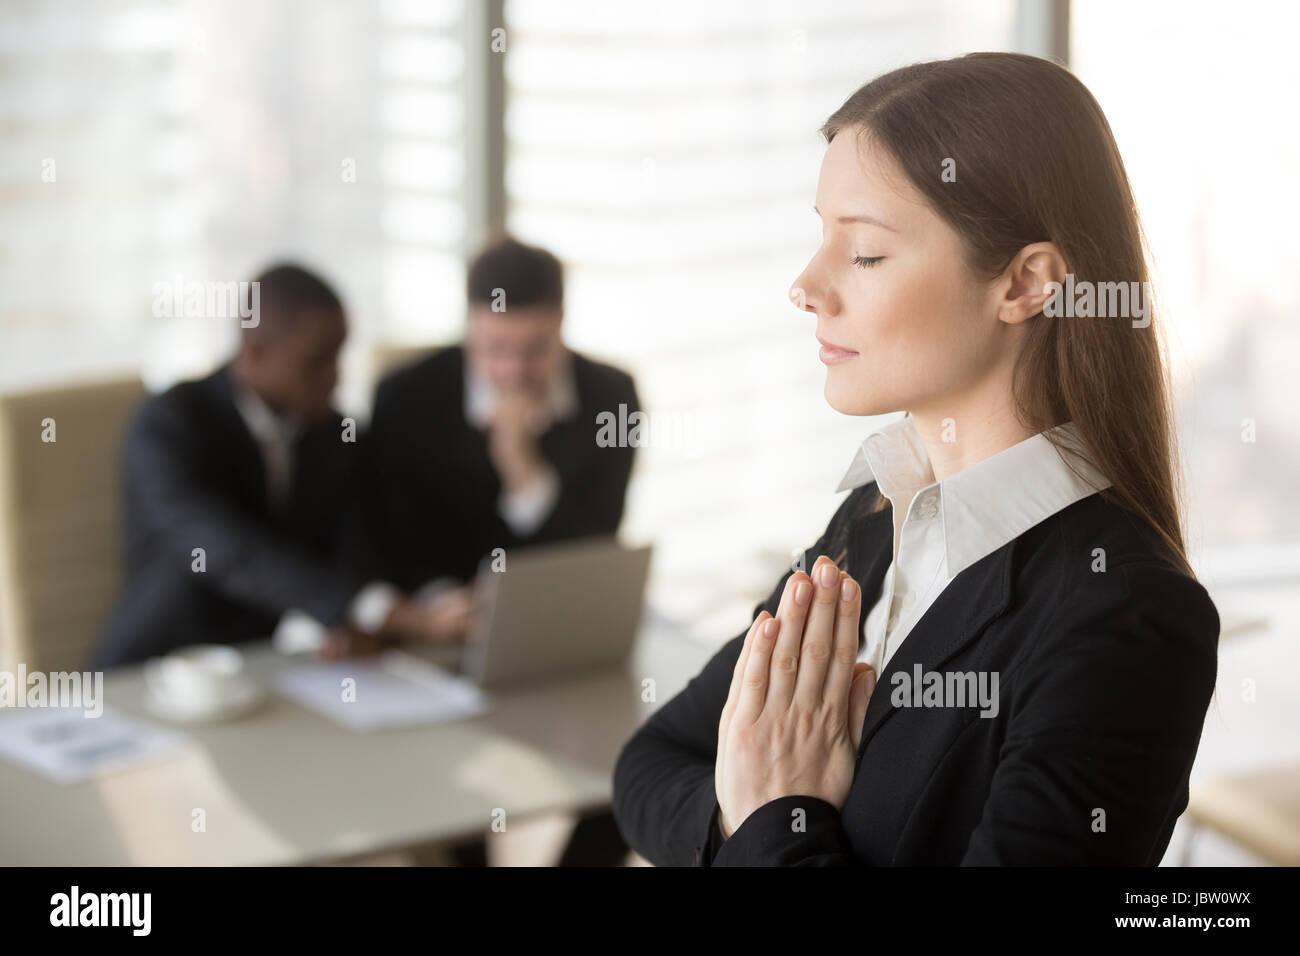 Junge schöne Geschäftsfrau genießt meditieren im Büro stehen mit geschlossenen Augen, Hände Stockbild